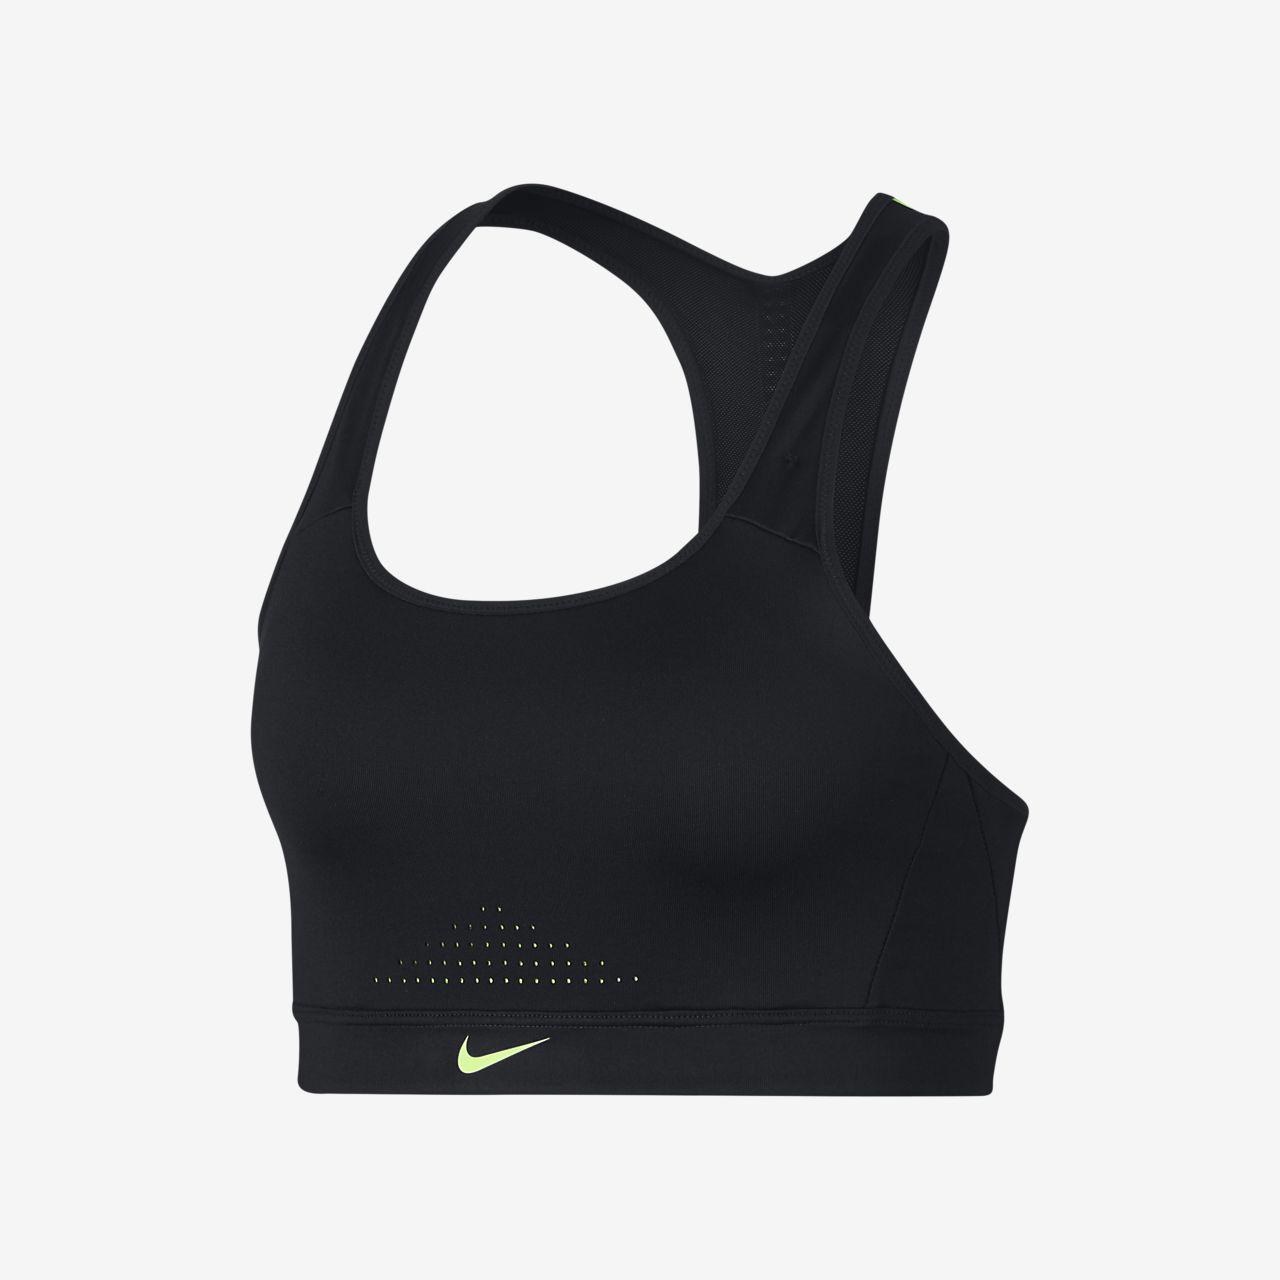 Bra a sostegno elevato Nike Impact - Donna